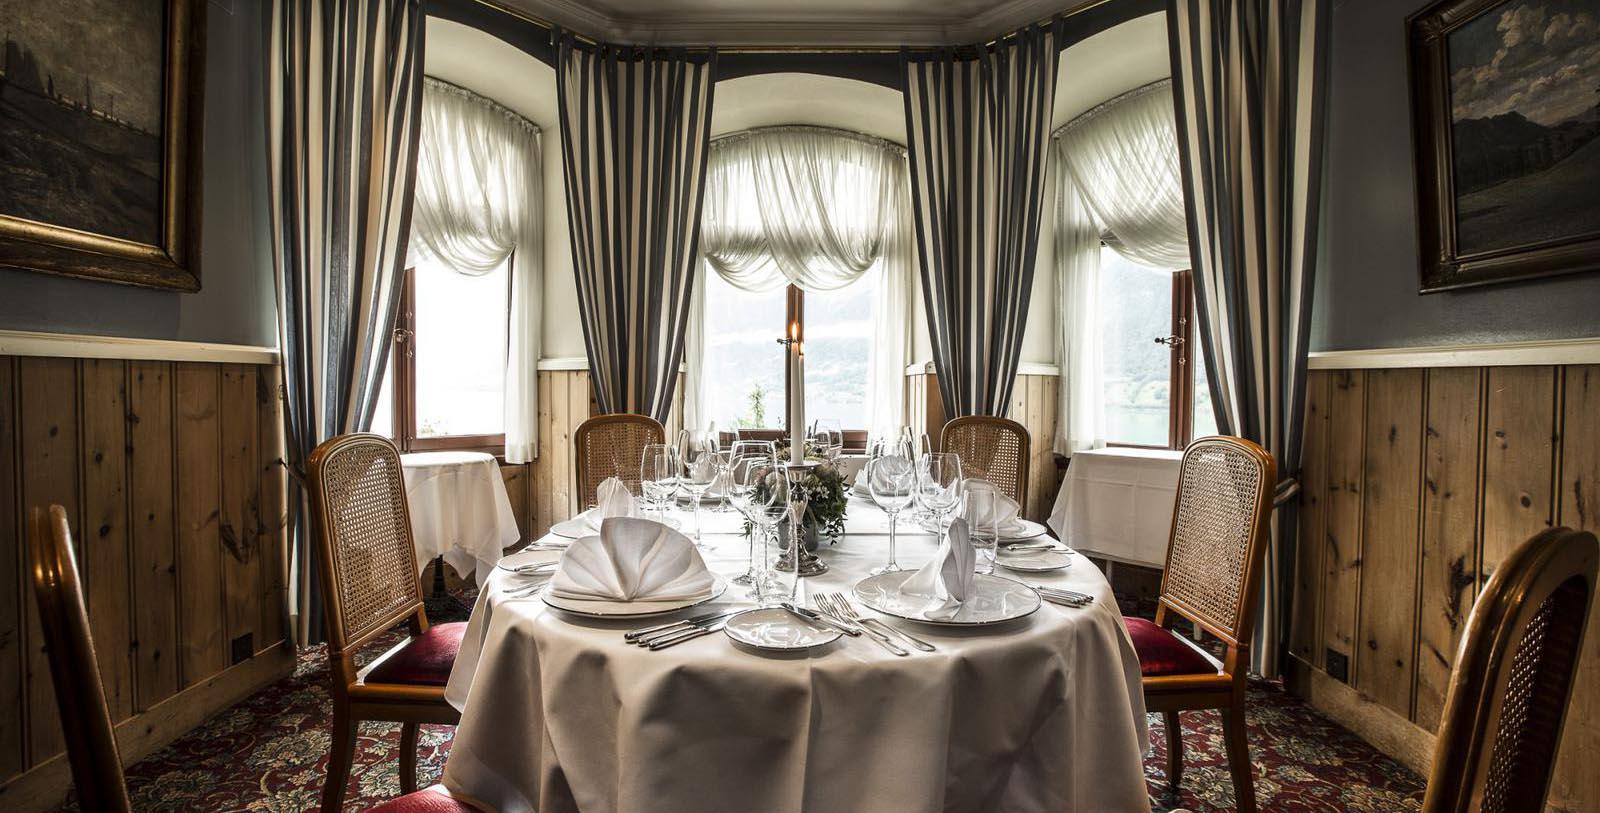 Image of Restaurant Les Cascades, Grandhotel Giessbach, Brienz, Switzerland, 1822, Member of Historic Hotels Worldwide, Taste